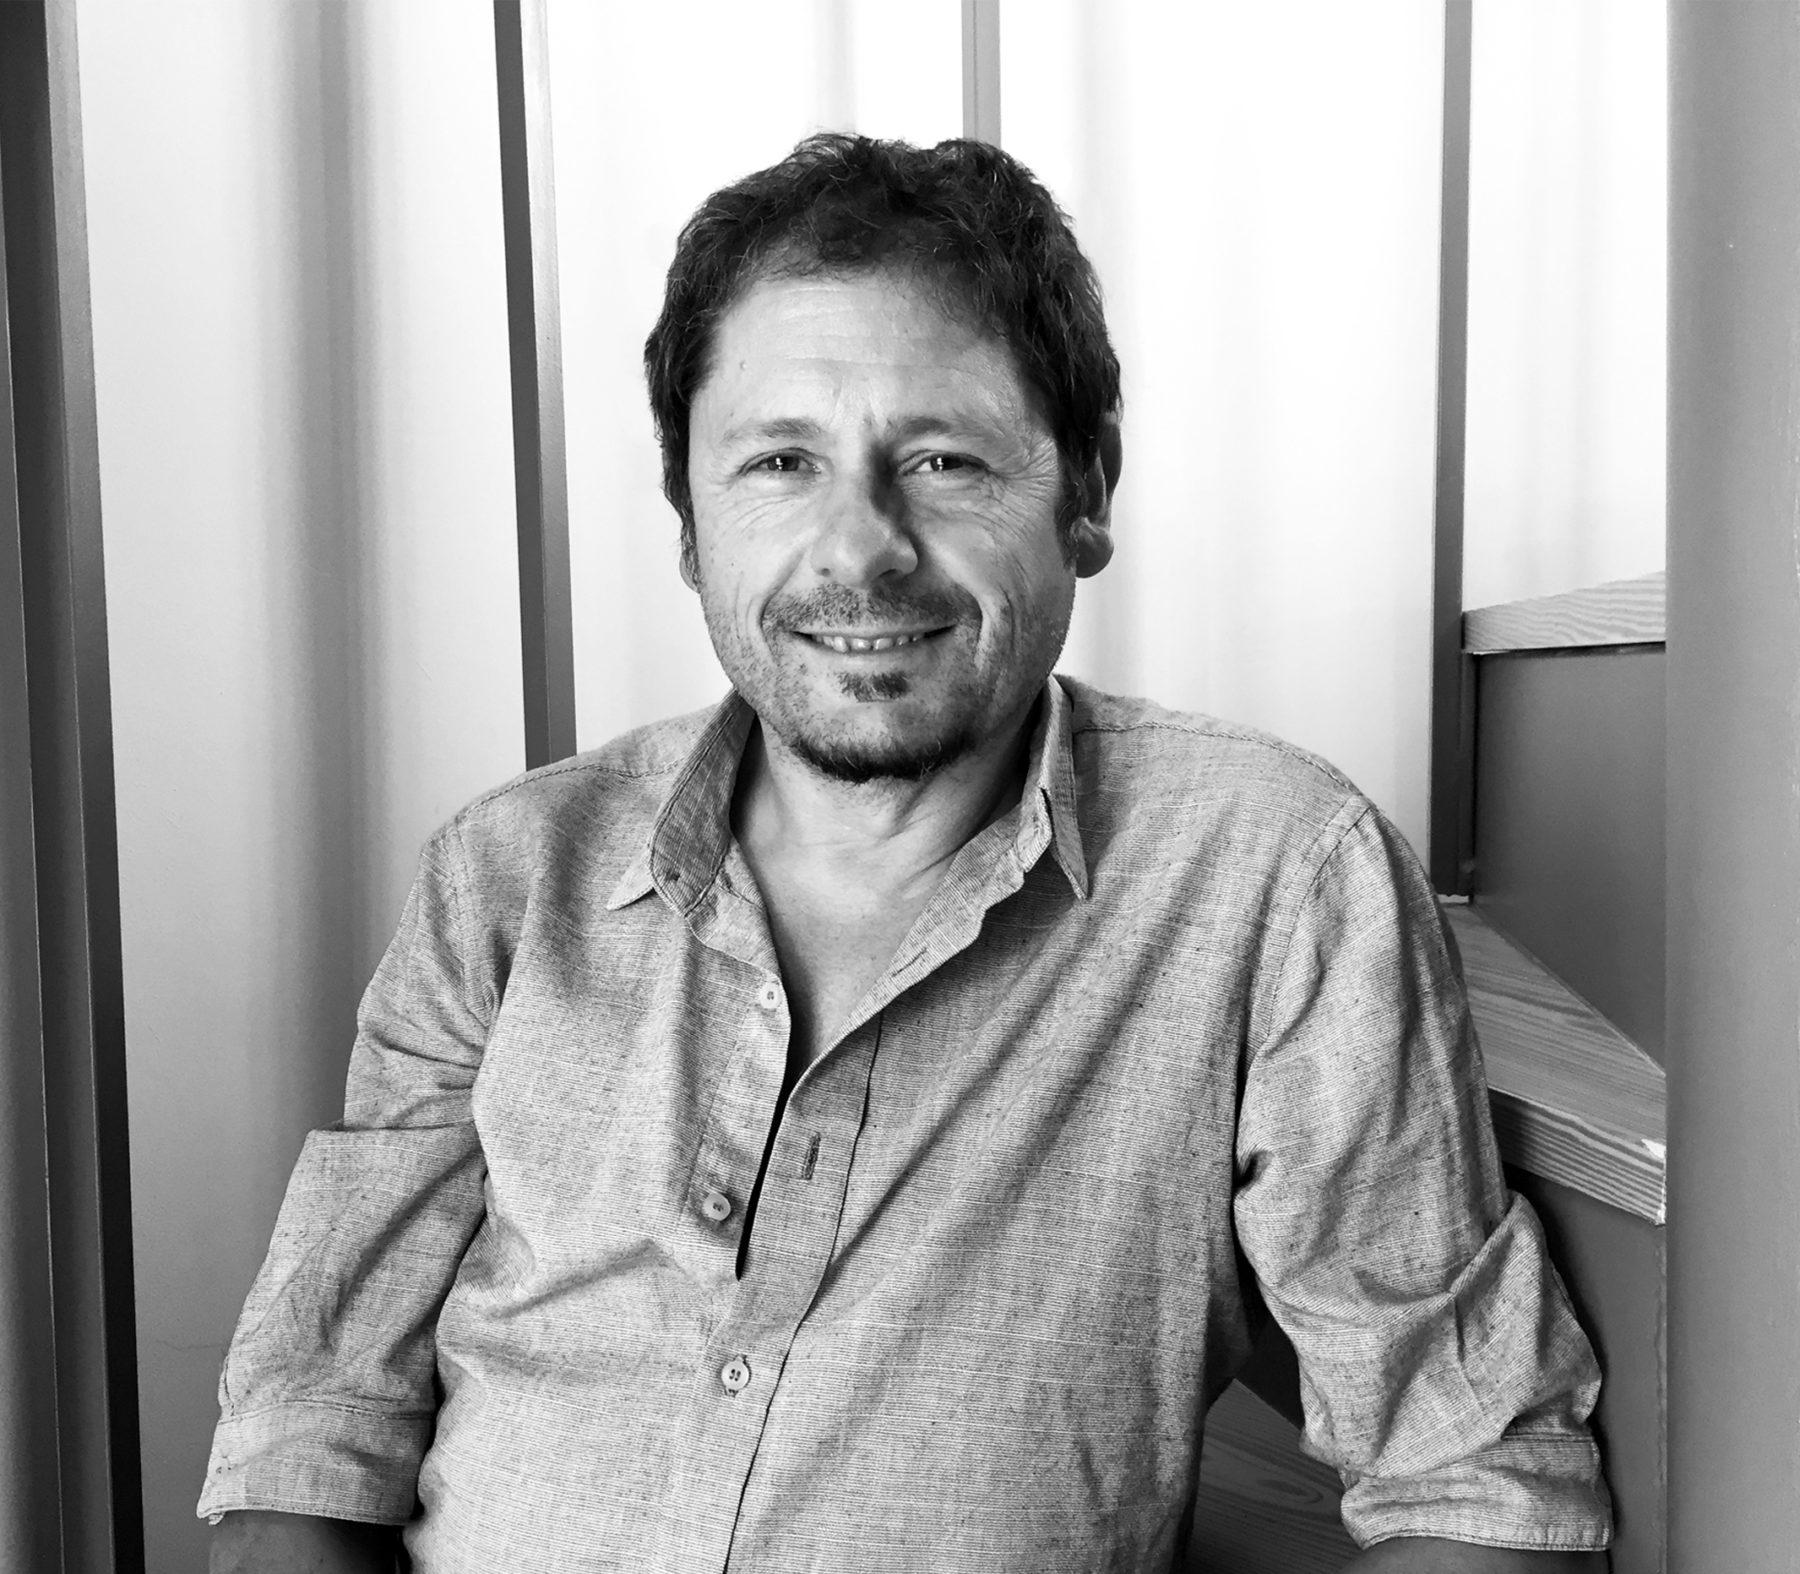 Gonzalo Gracia